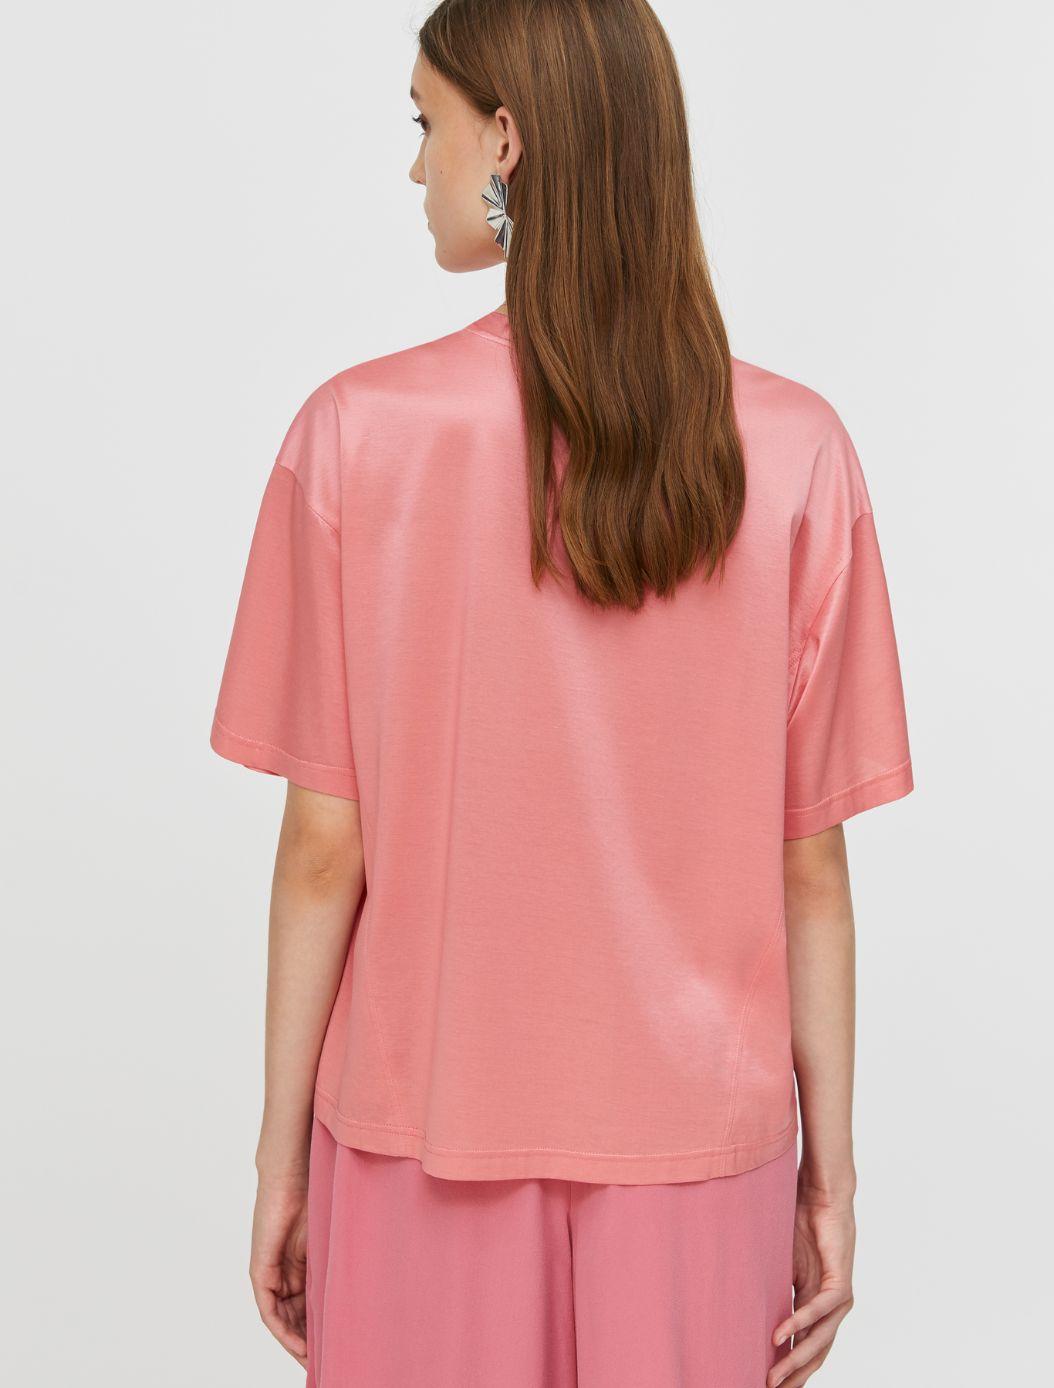 DARIA T-shirt coral 2